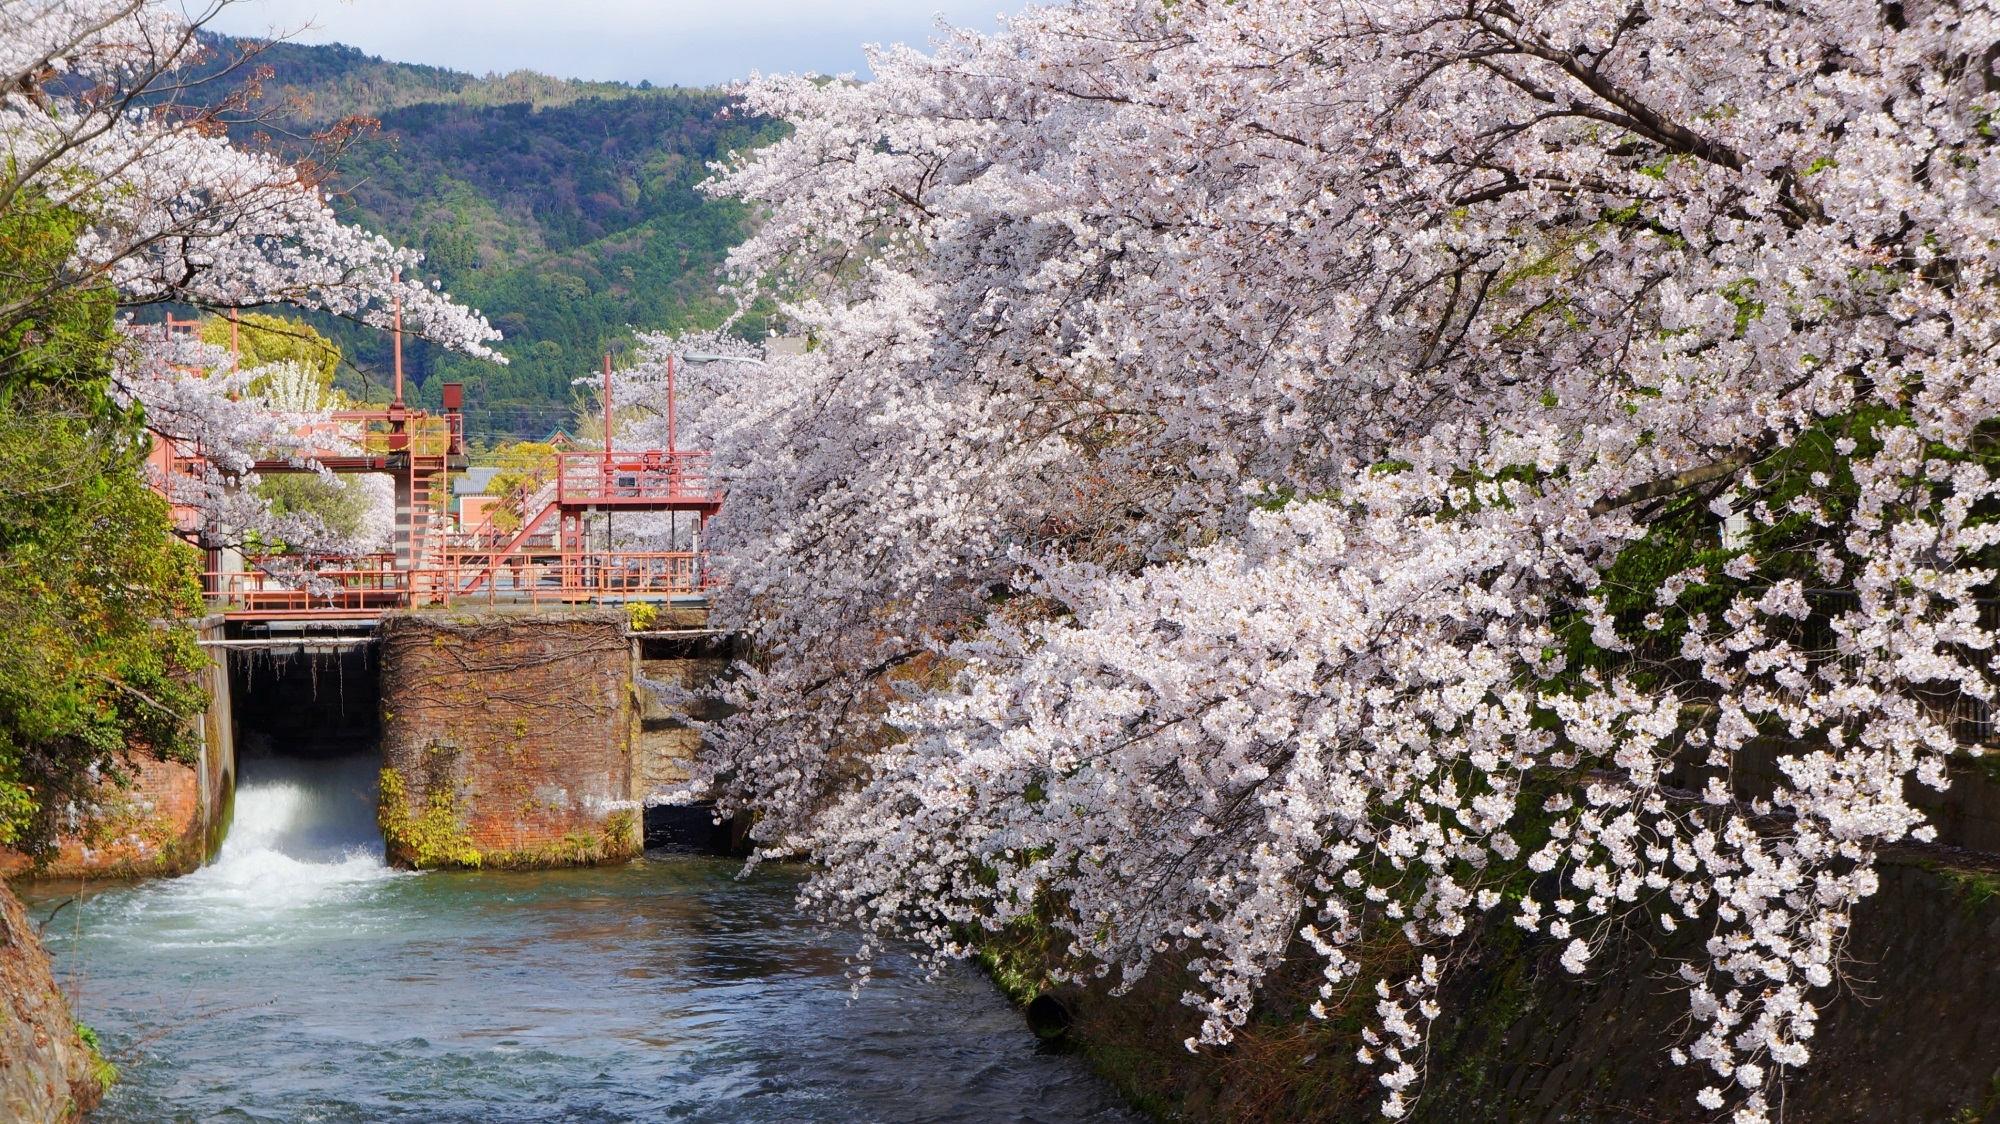 冷泉通 桜 琵琶湖疏水の豪快すぎる水辺の桜